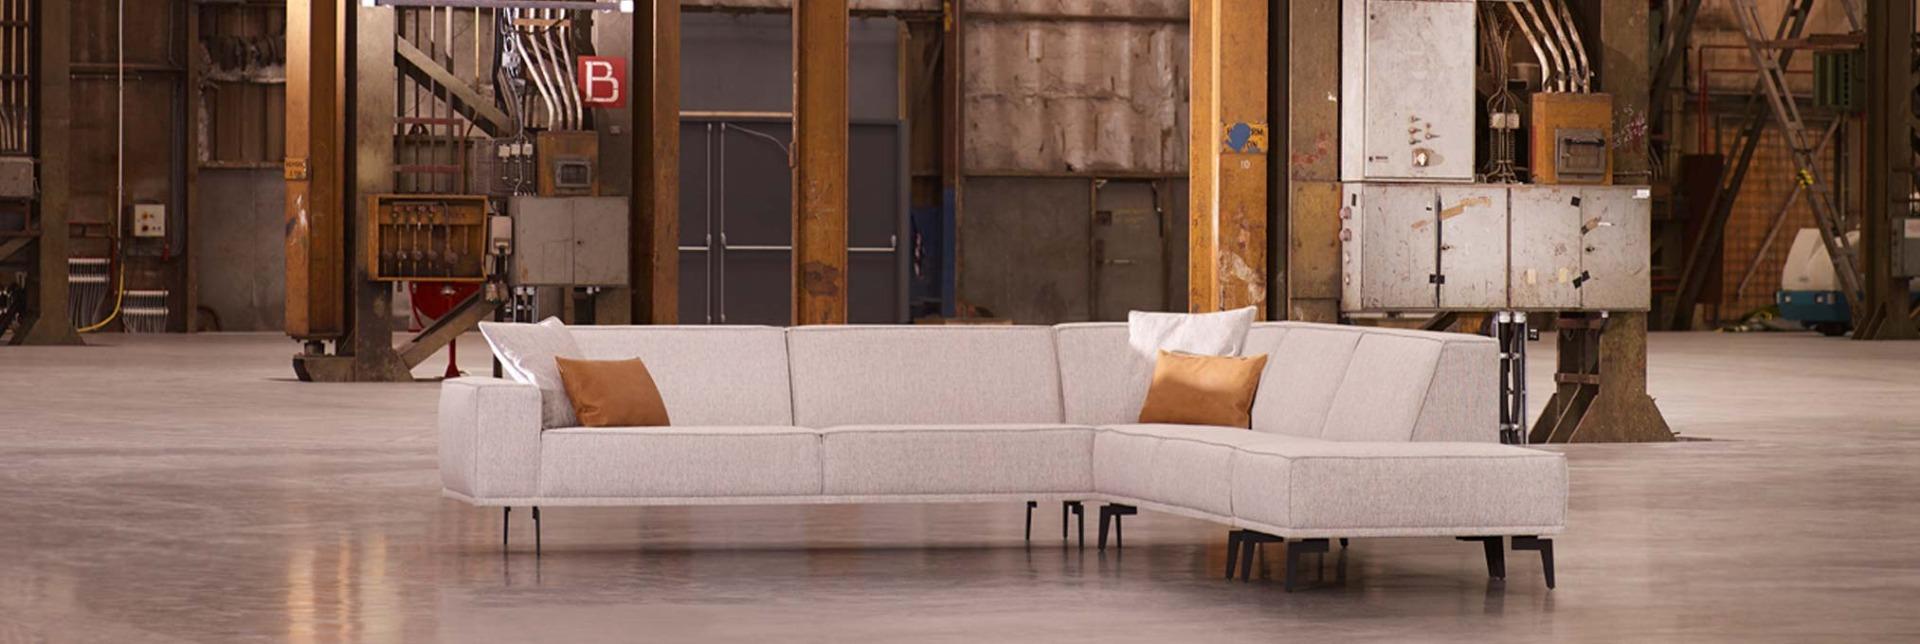 cartel living meubels kopen